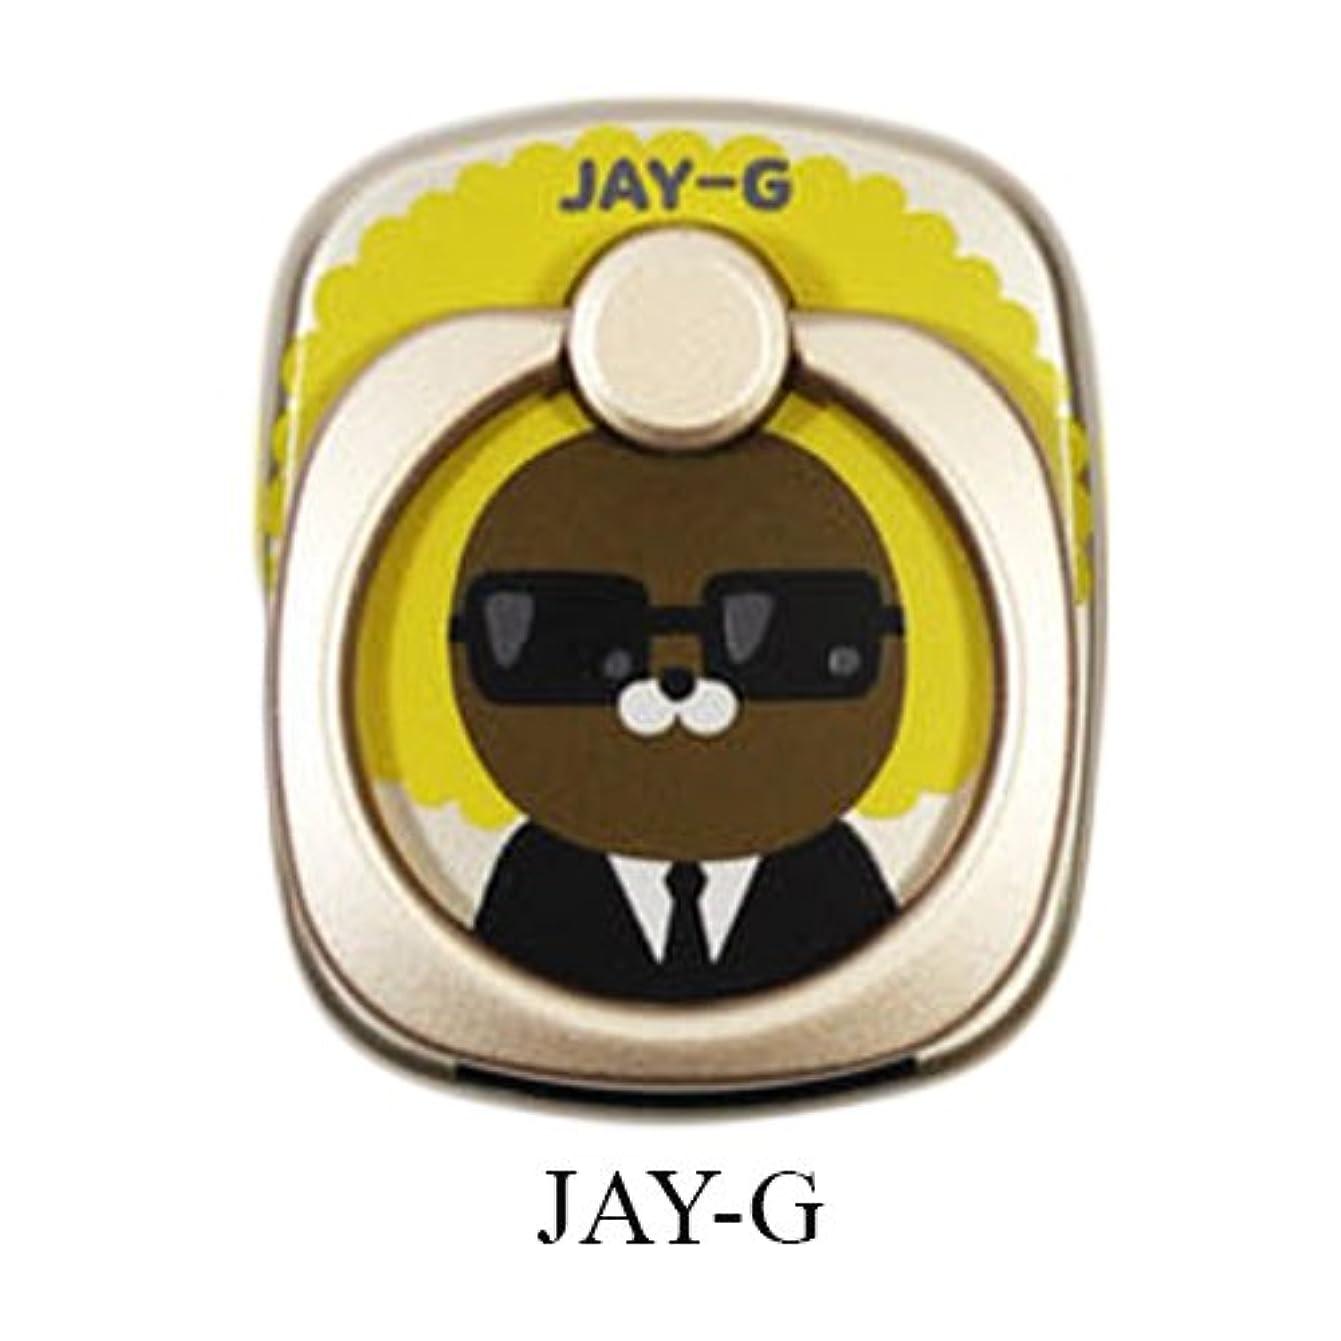 ハチ壊す流暢Kakao Friends カカオフレンズ スマートリング スマホリング スマホホルダー /Kakao Friends Smart Ring[海外直送品] (JAY-G) [並行輸入品]